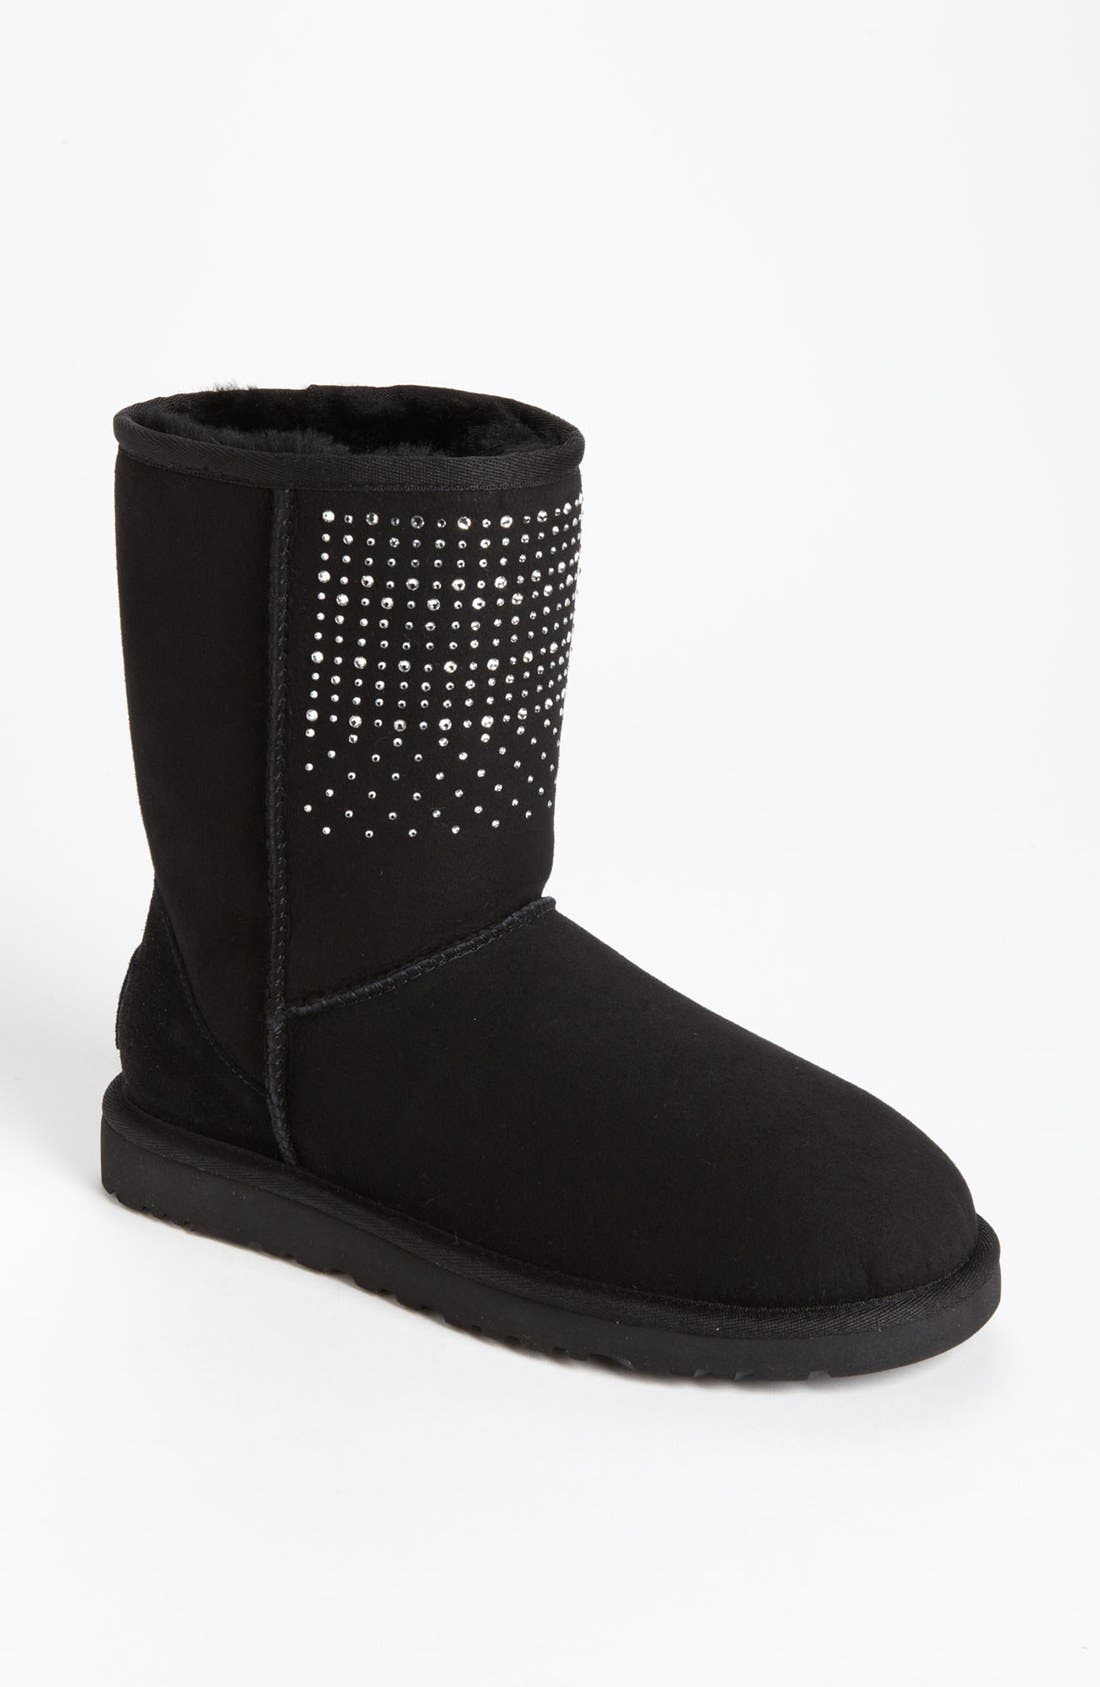 Alternate Image 1 Selected - UGG® Australia 'Classic Short Bling' Boot (Women)